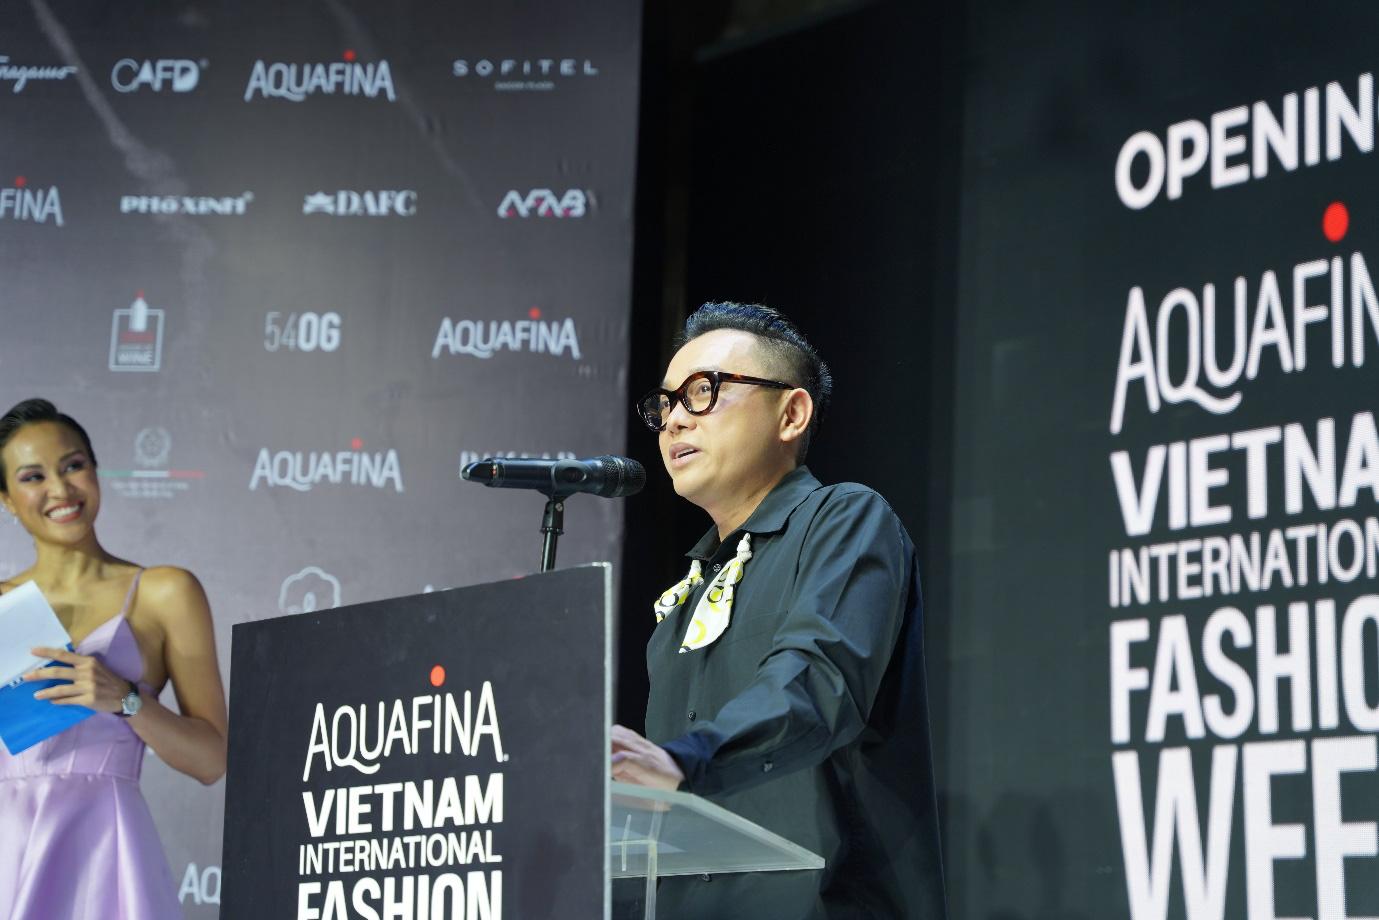 Aquafina Tuần lễ Thời trang Quốc tế Việt Nam 2020: Quy tụ NTK Công Trí, Đỗ Long, Lý Giám Tiền và loạt anh tài giới thời trang Việt - Ảnh 1.